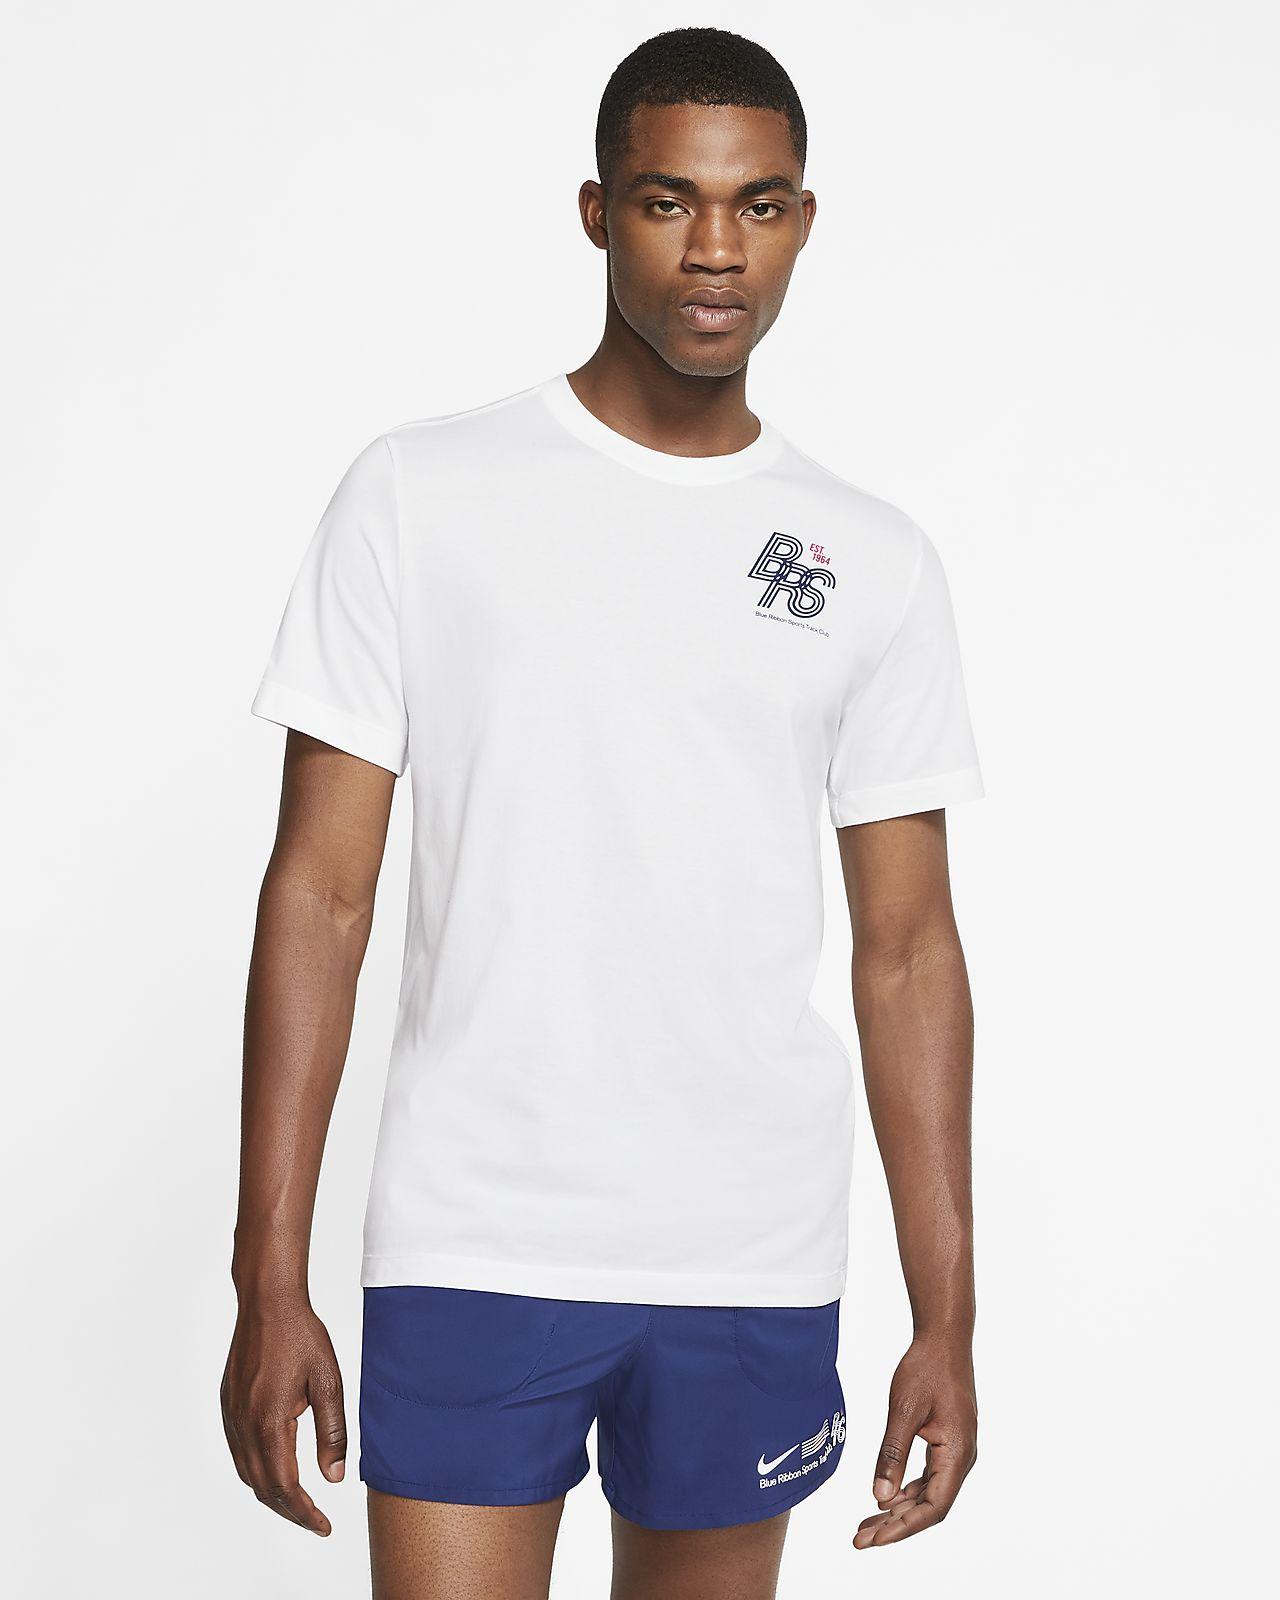 Nike Dri-FIT Blue Ribbon Sports 跑步 T 恤